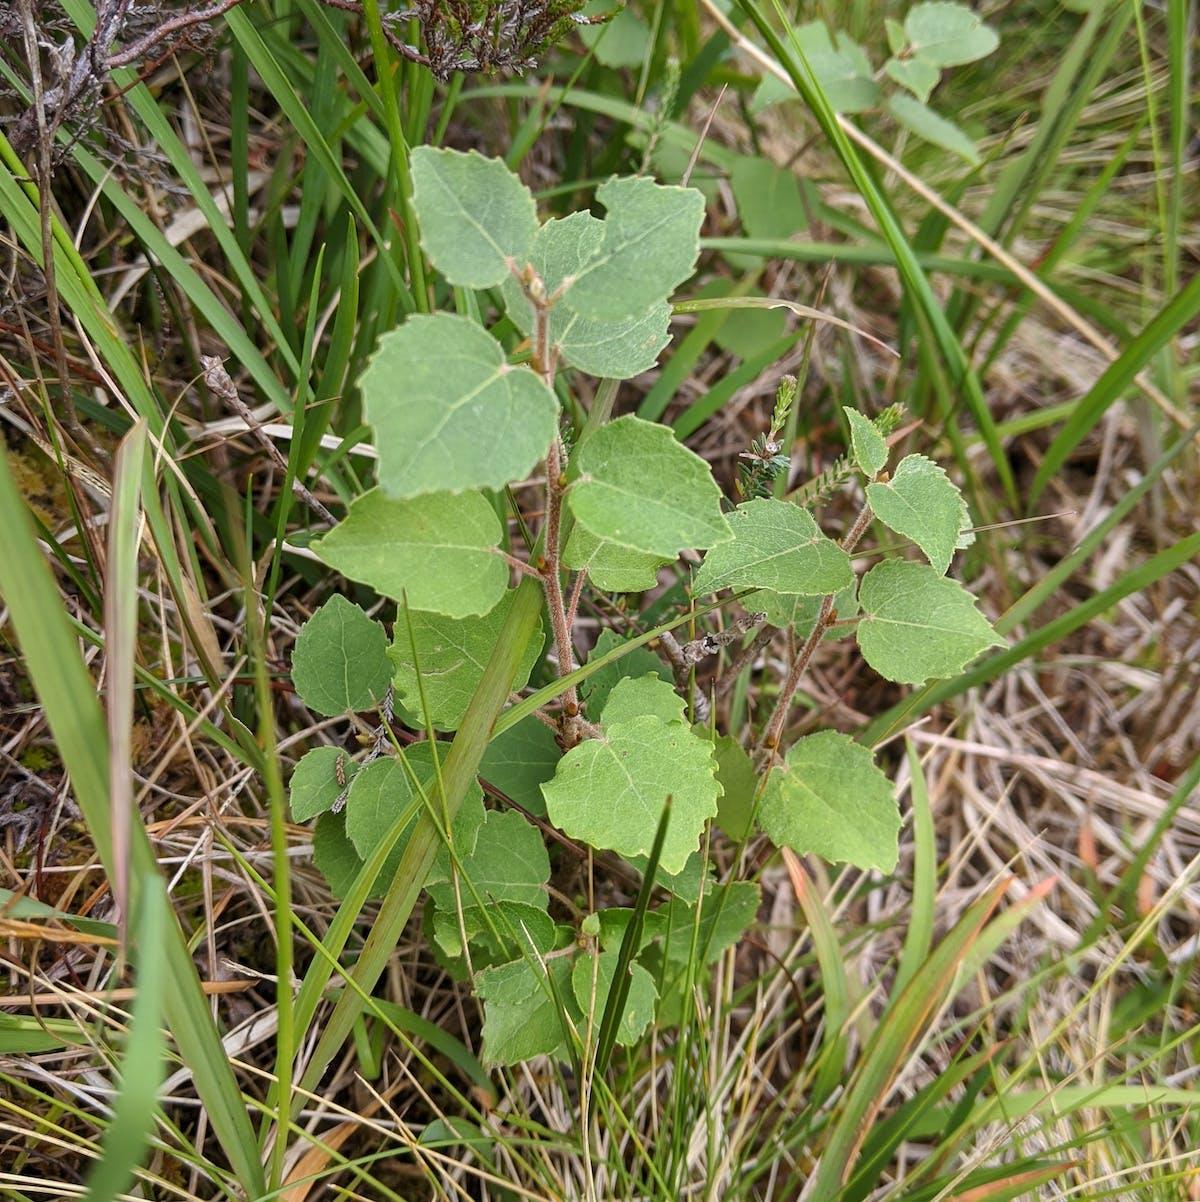 A small aspen seedling growing among dense grass